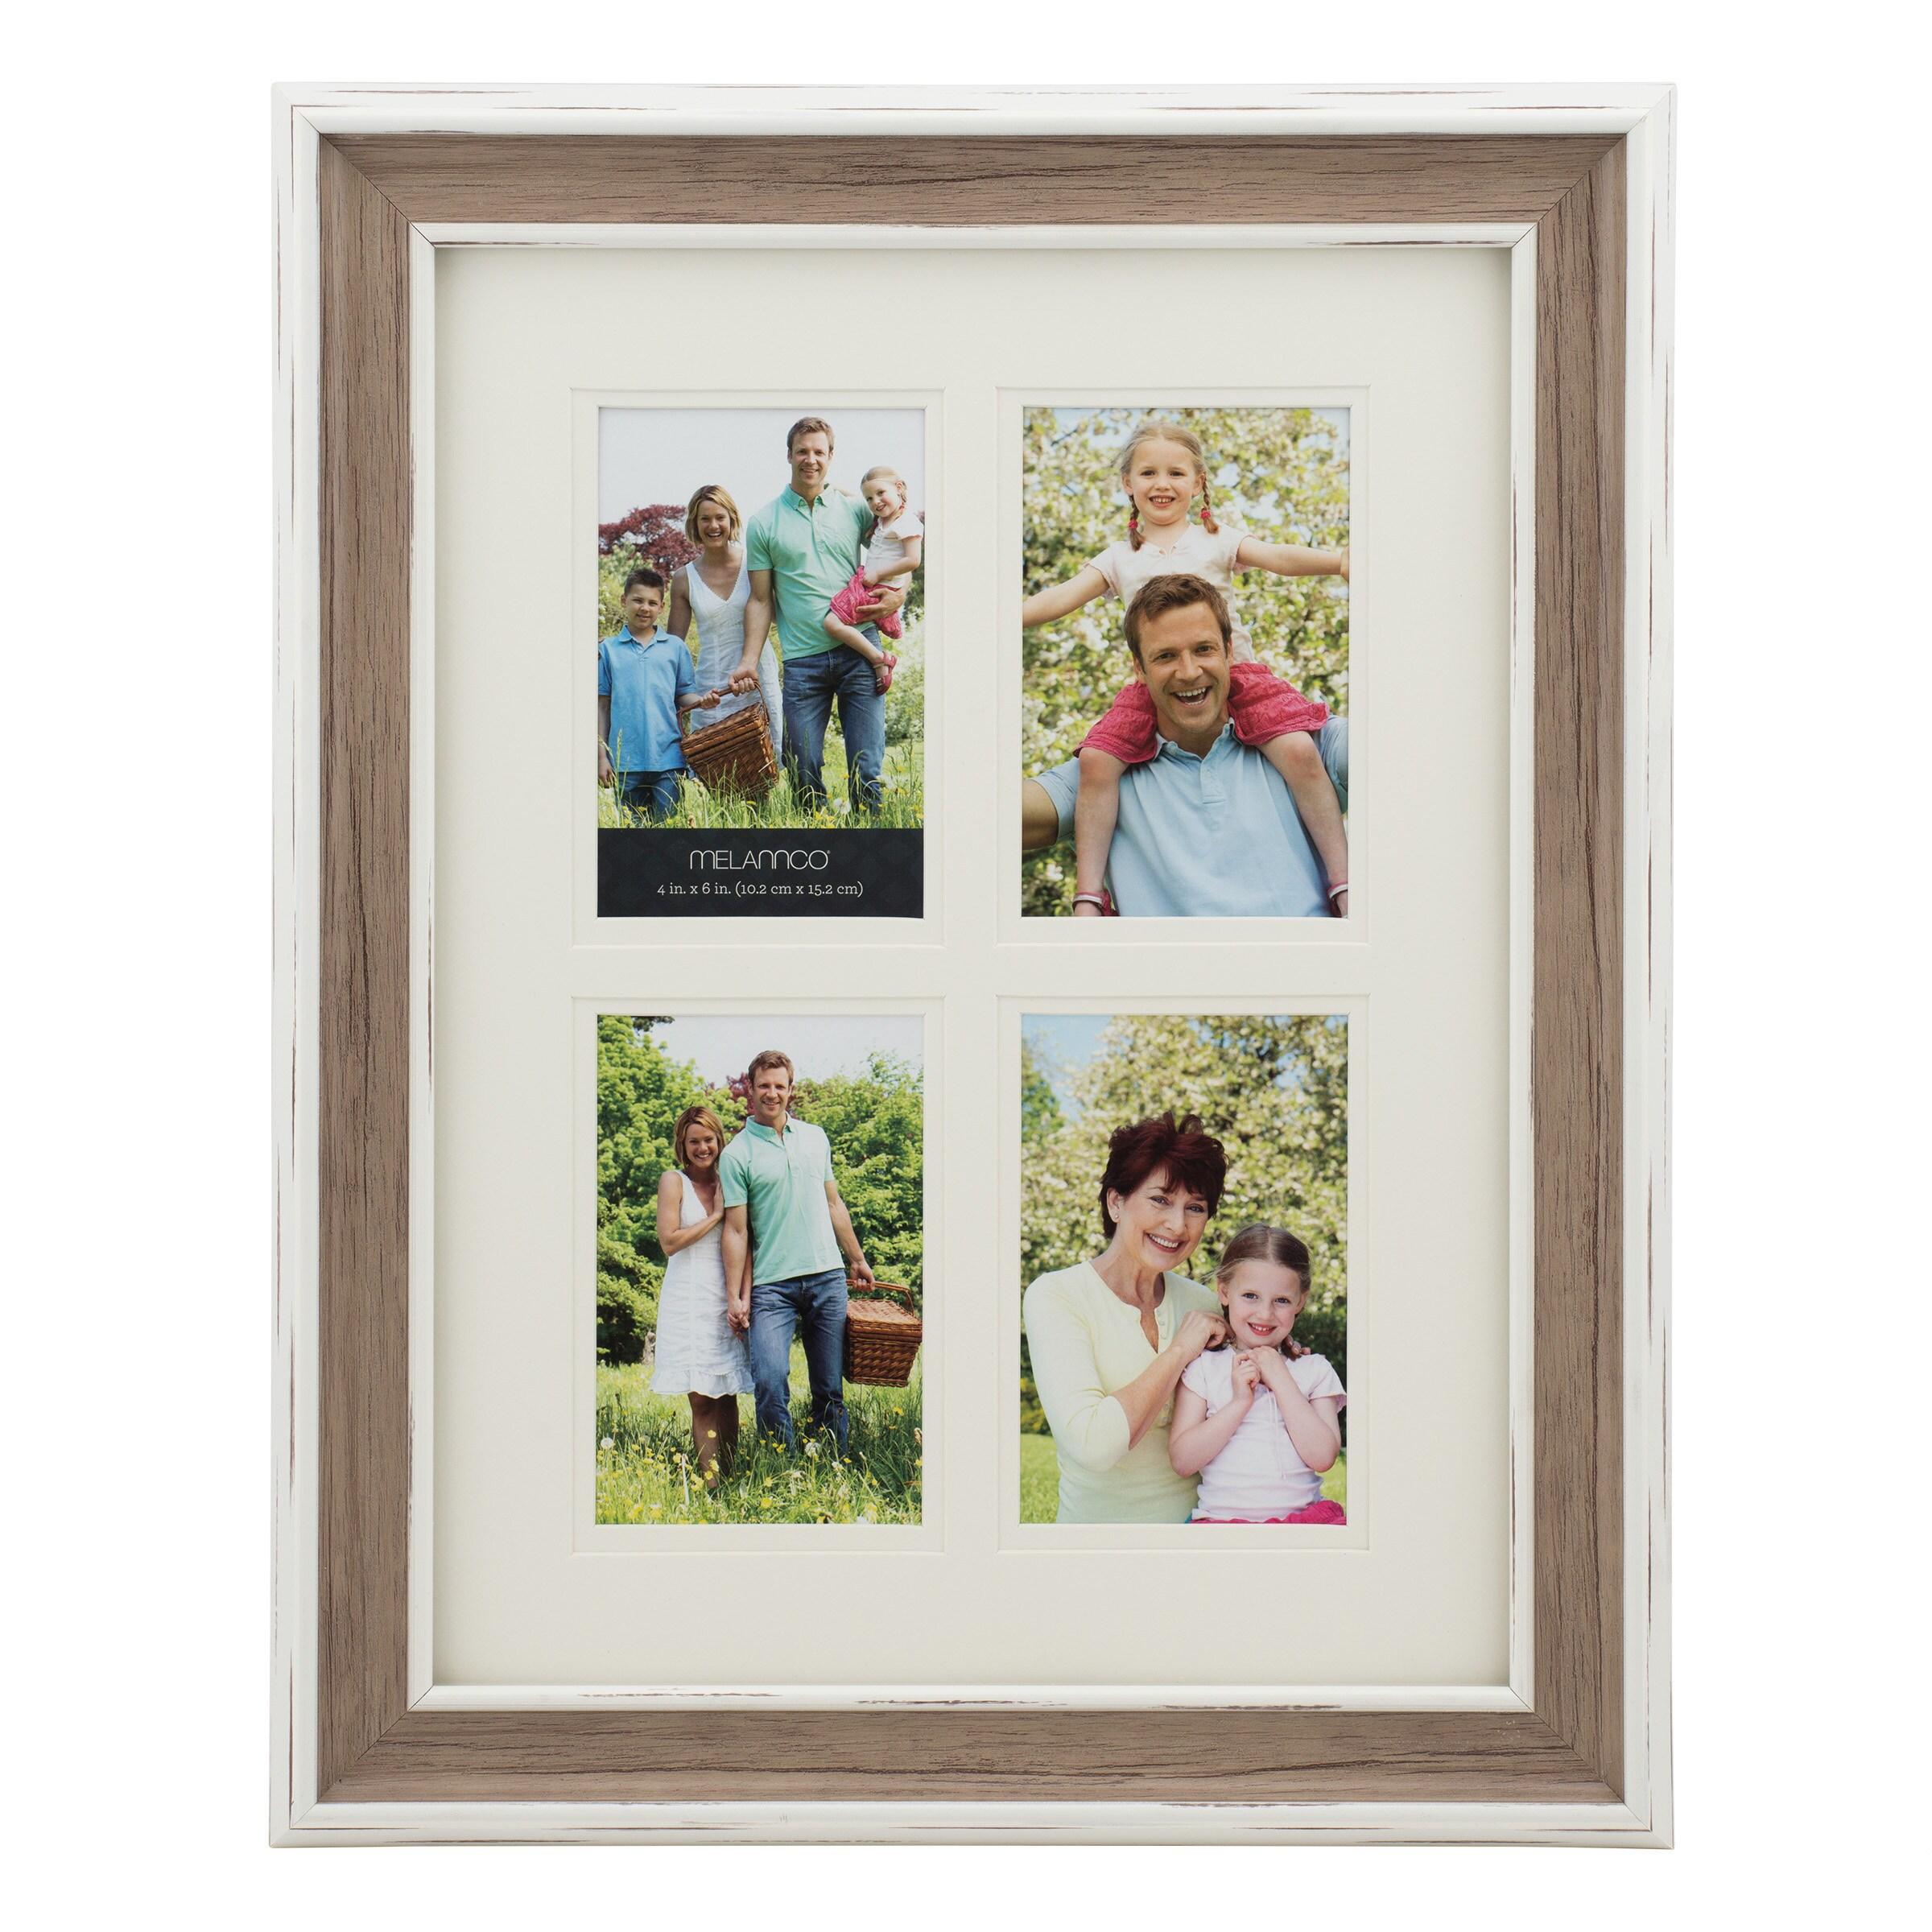 5 opening frame 4x6 melannco 4 opening 4x6 wood grain collage jeuxipadfo Images